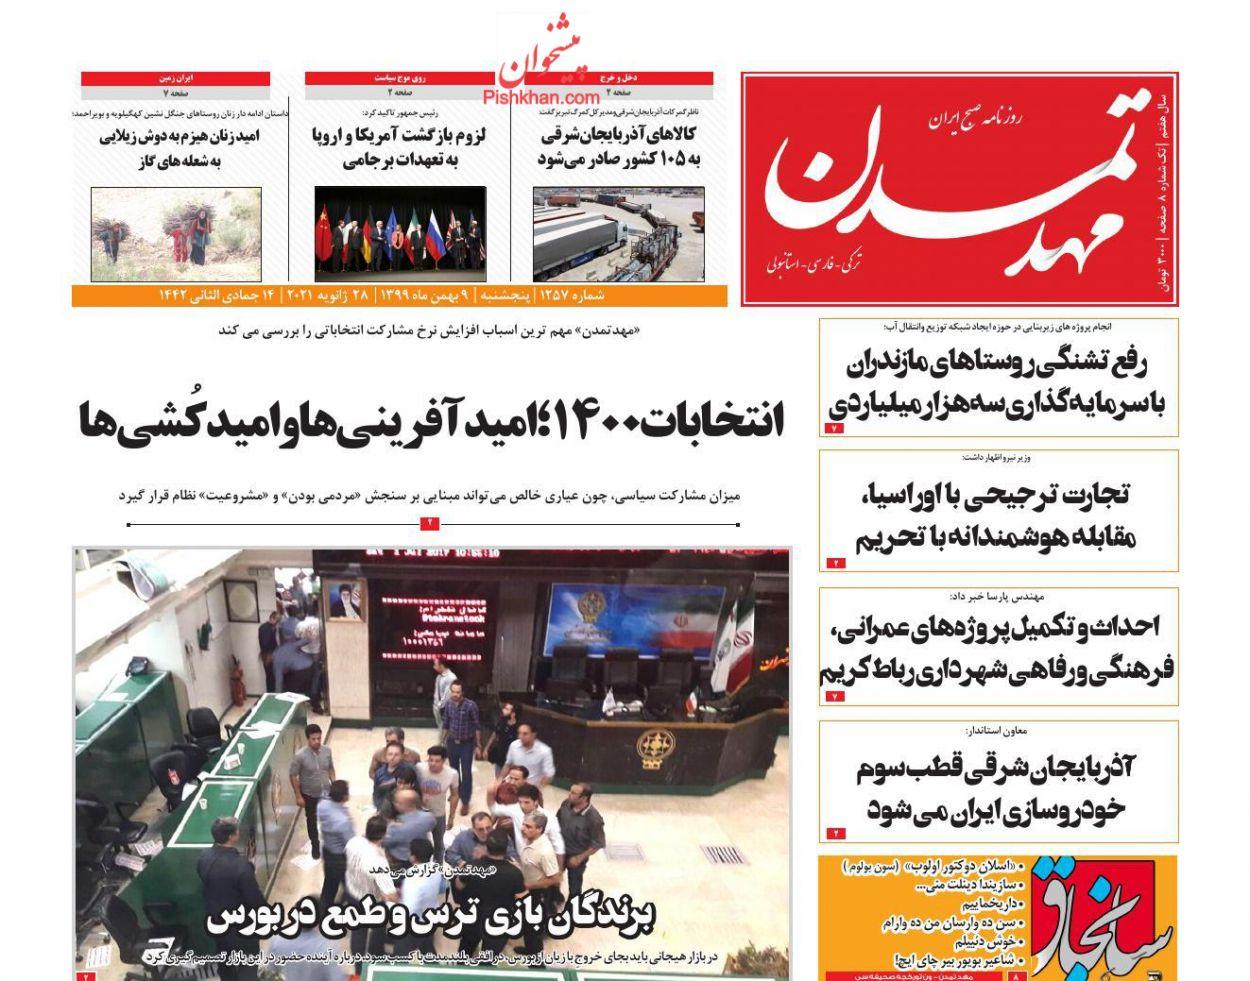 عناوین اخبار روزنامه مهد تمدن در روز پنجشنبه ۹ بهمن